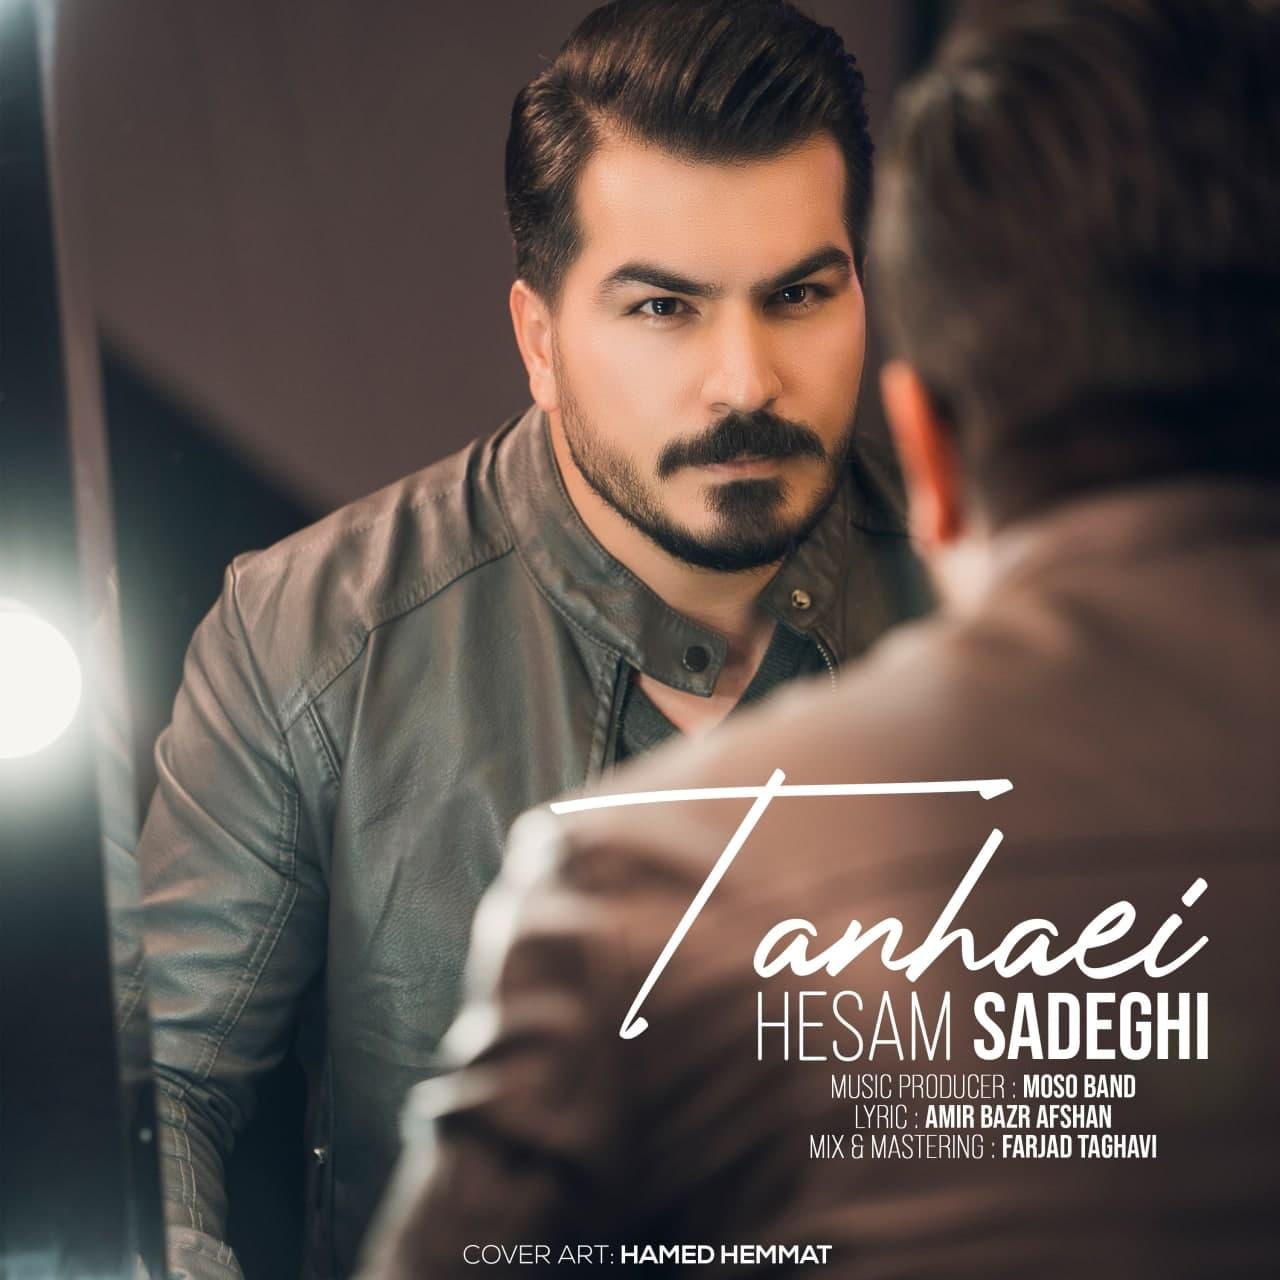 دانلود موزیک جدید حسام صادقی تنهایی